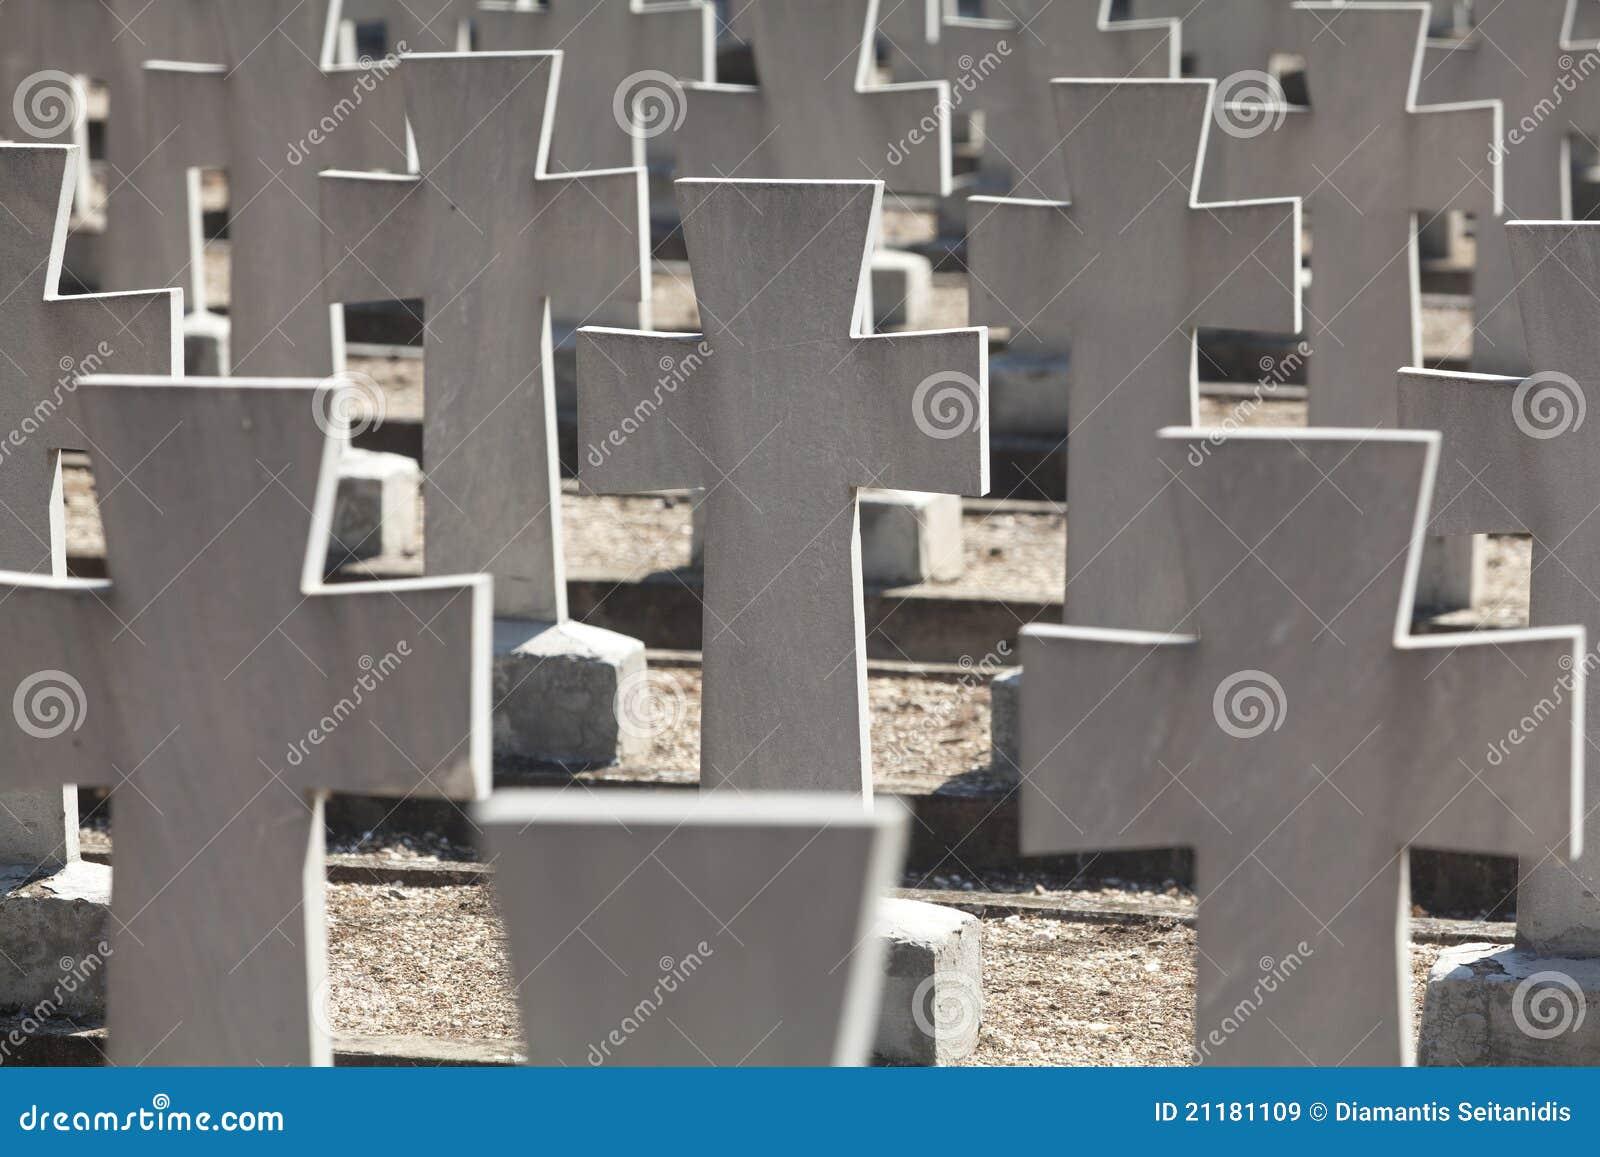 Allied cemeteries